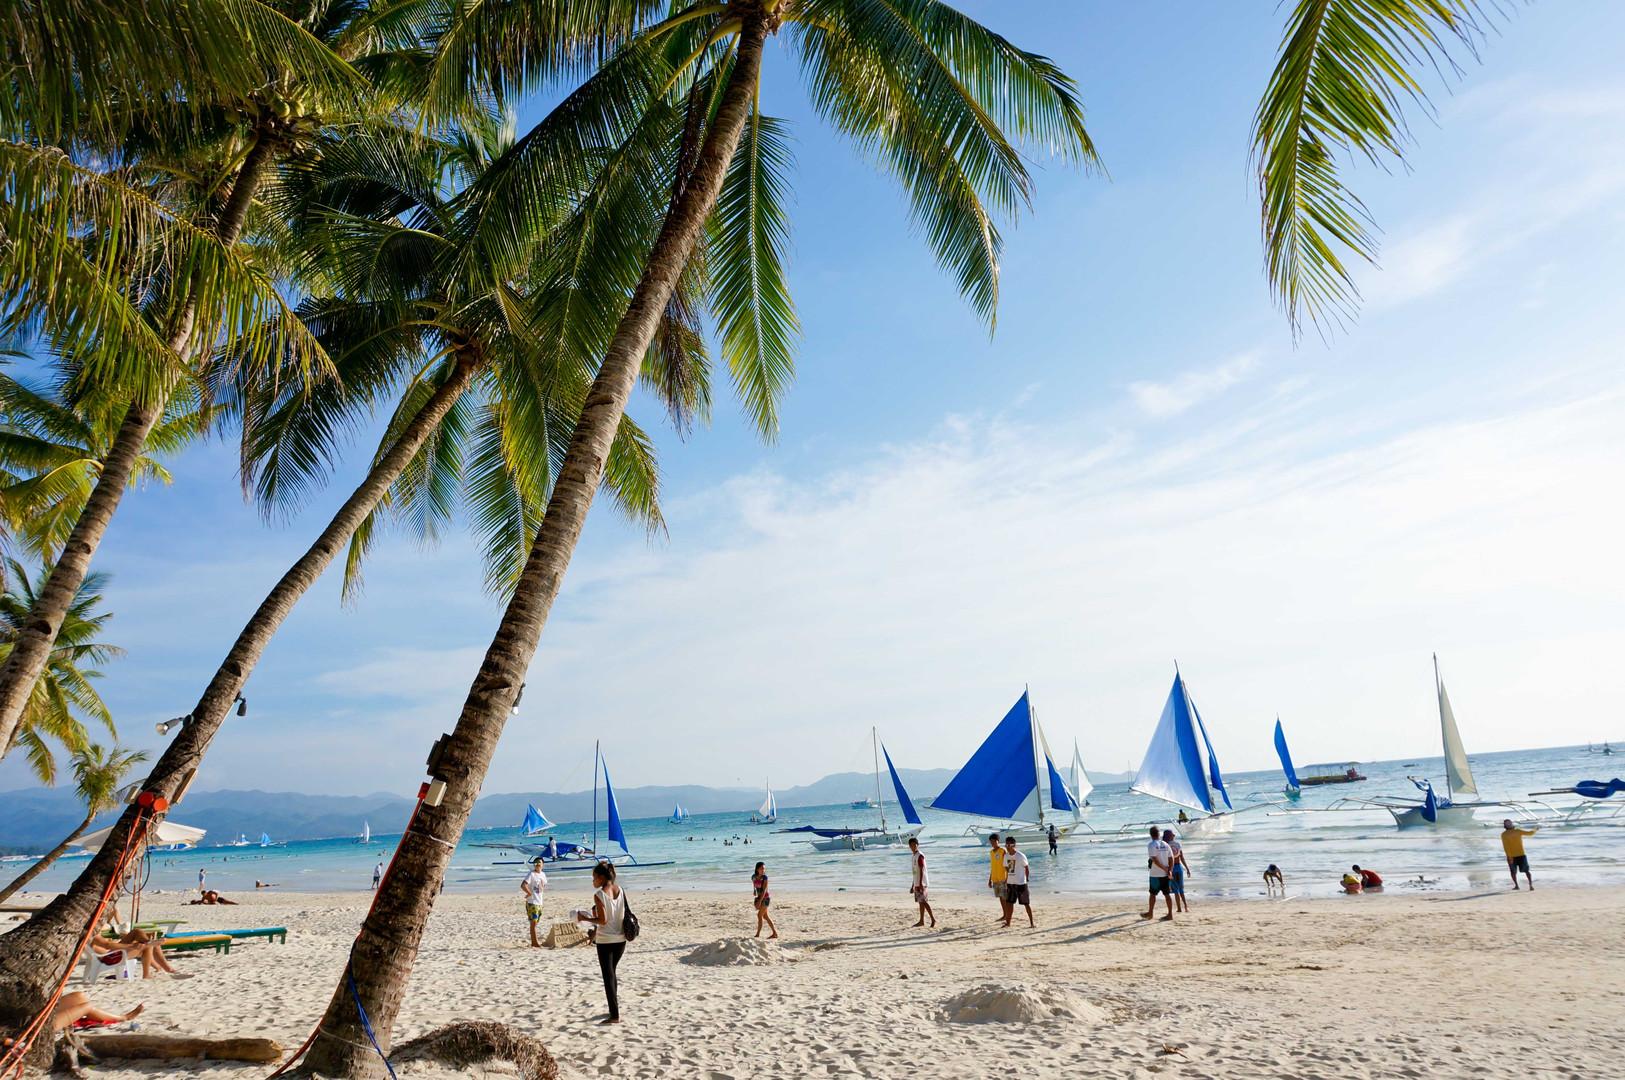 长滩岛人均_菲律宾长滩岛